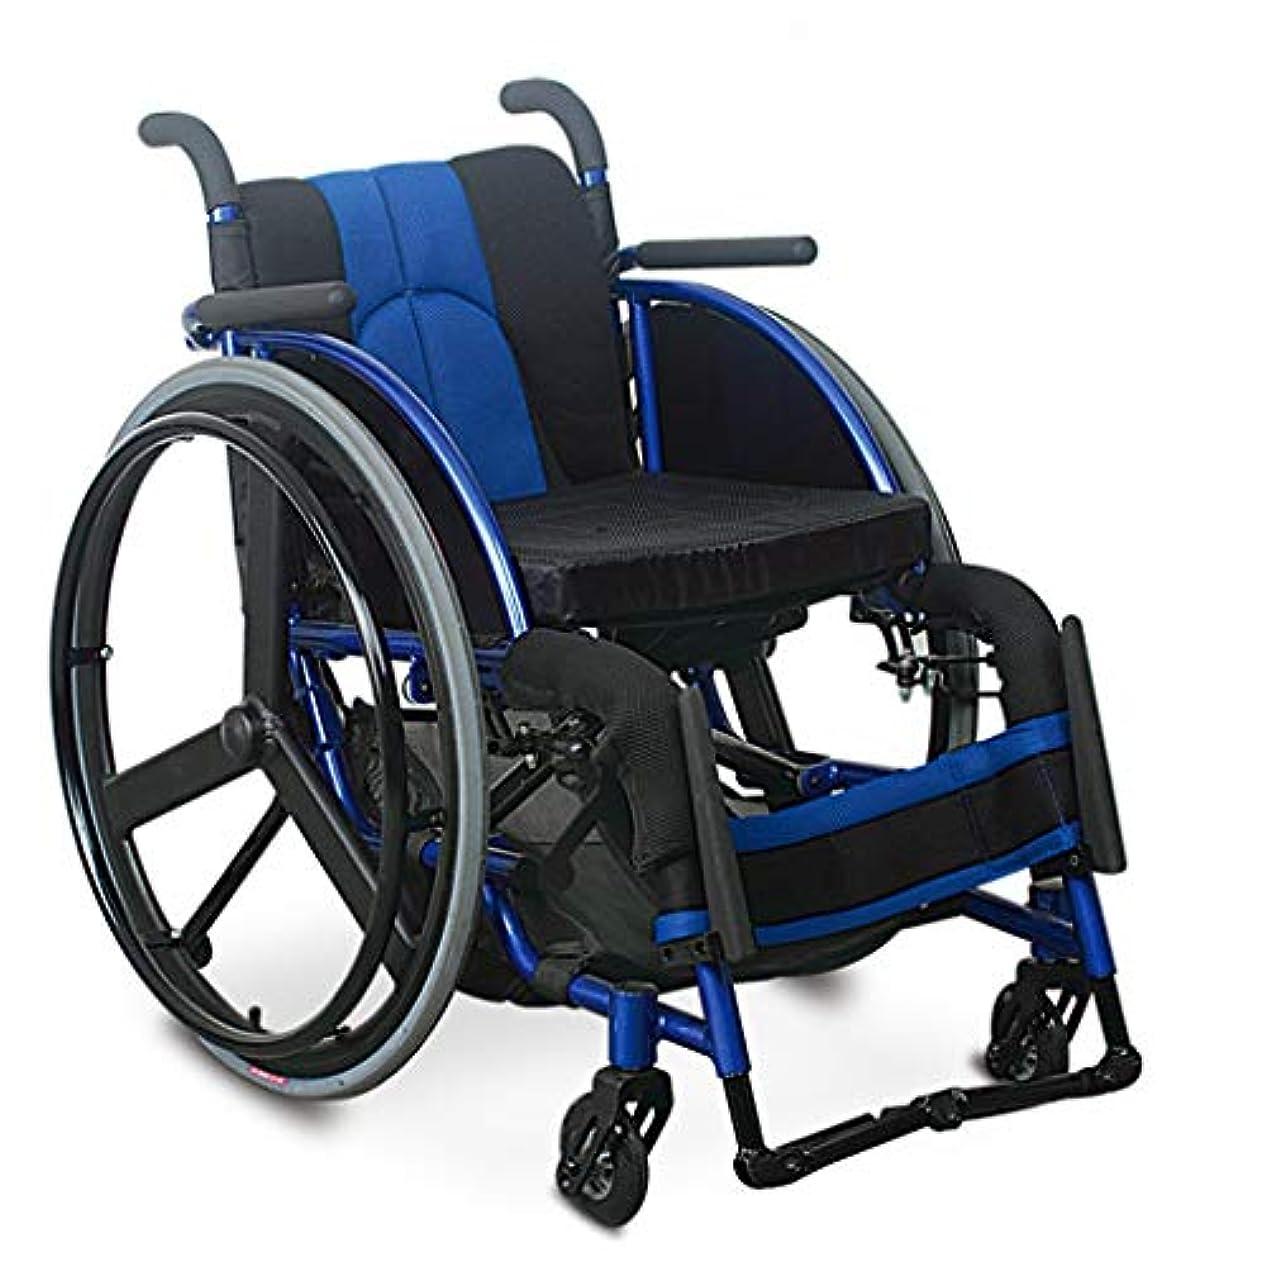 折パターンシーズン車椅子折りたたみ、PUミリオンフロントホイール、高齢者障害者用車椅子トロリー